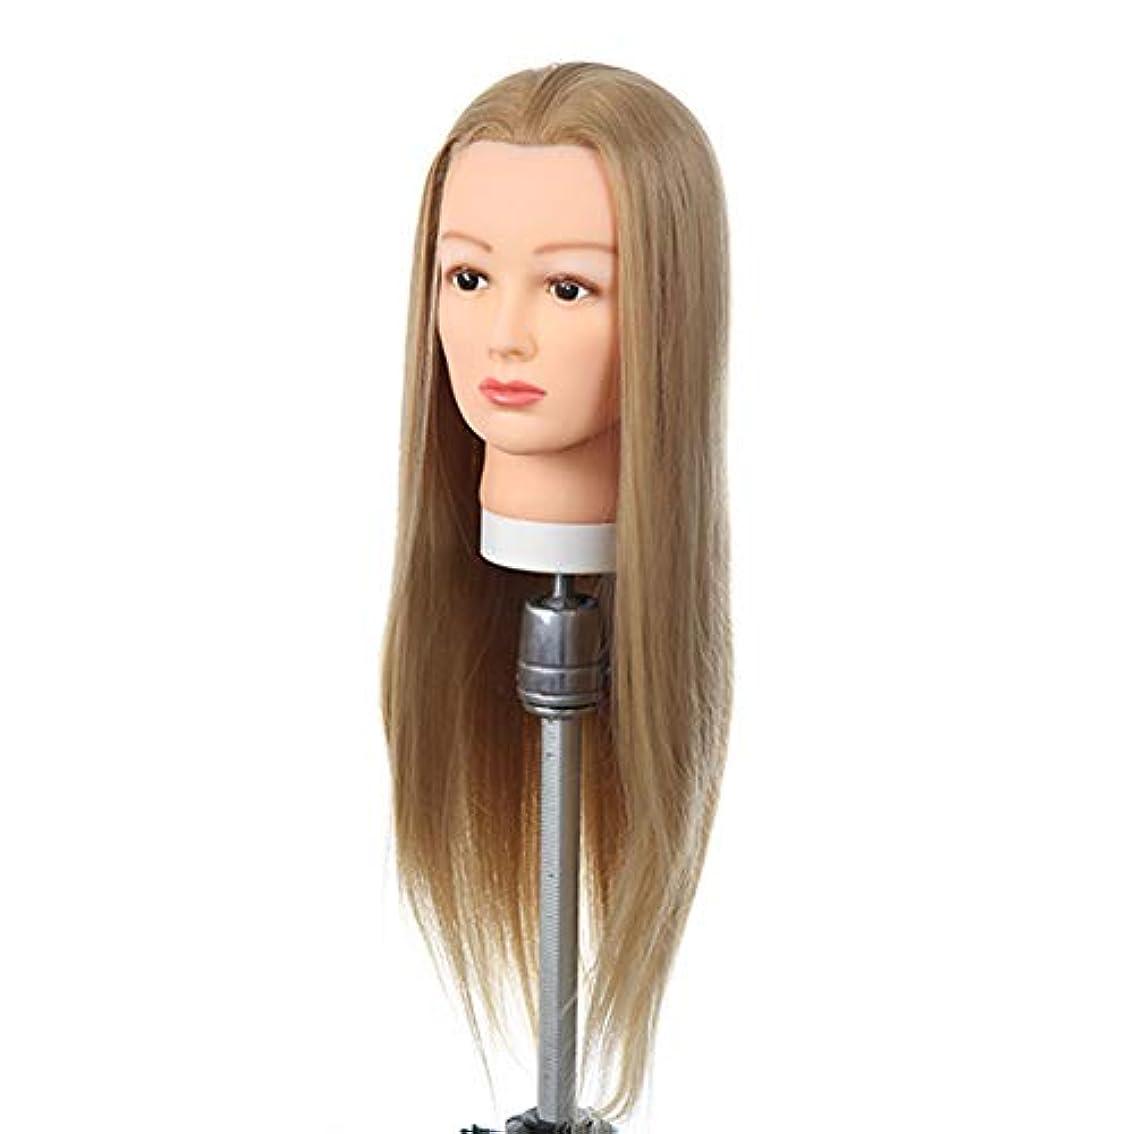 むしろインレイ立方体高温シルクヘアエクササイズヘッド理髪店トリムヘアトレーニングヘッドブライダルメイクスタイリングヘアモデルダミーヘッド